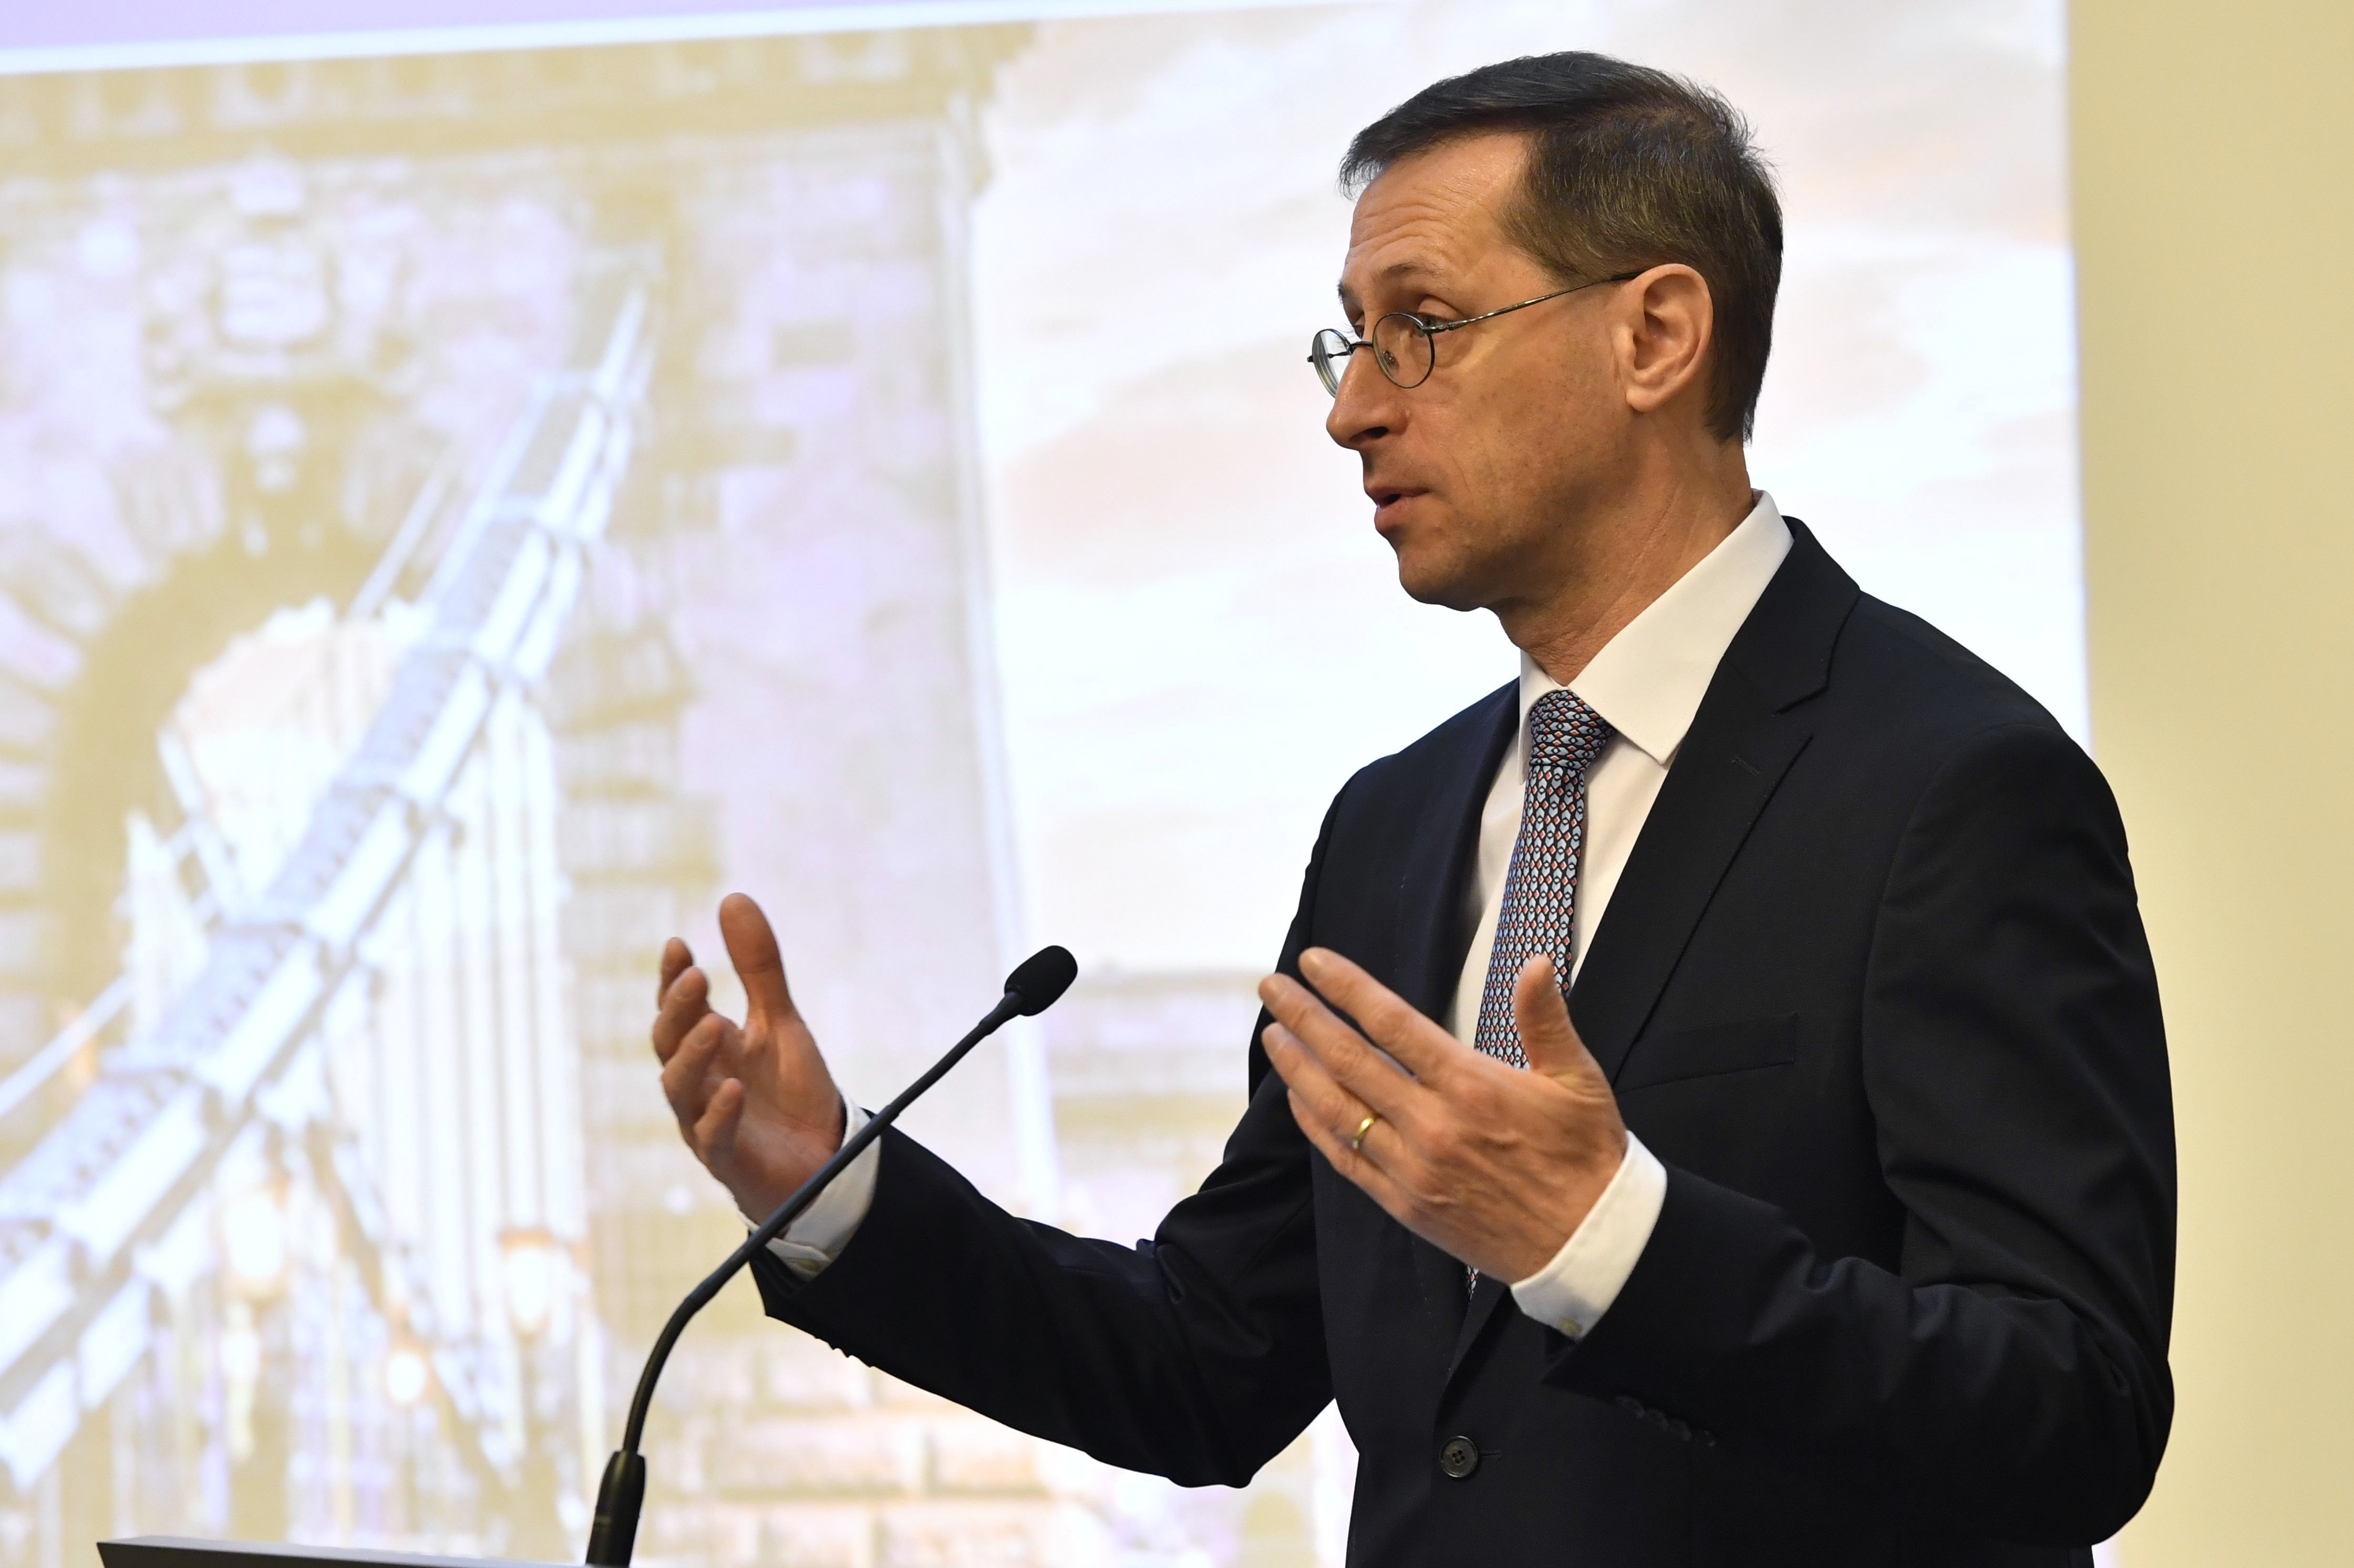 Varga Mihály: 5-6 évet léptünk vissza adósságcsökkentésben a járvány miatt